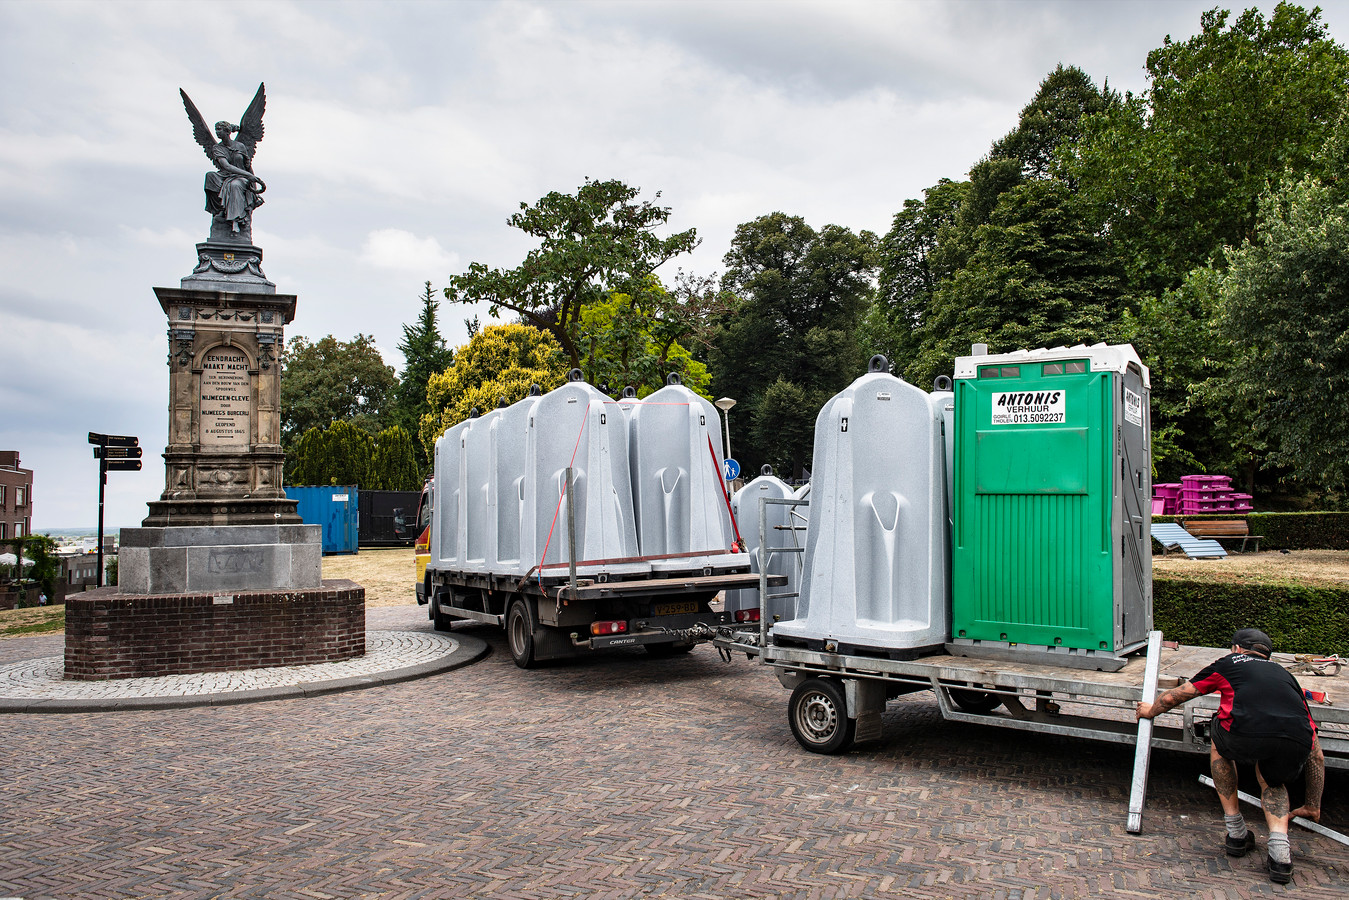 Mobiele toiletten bij het Valkhof.